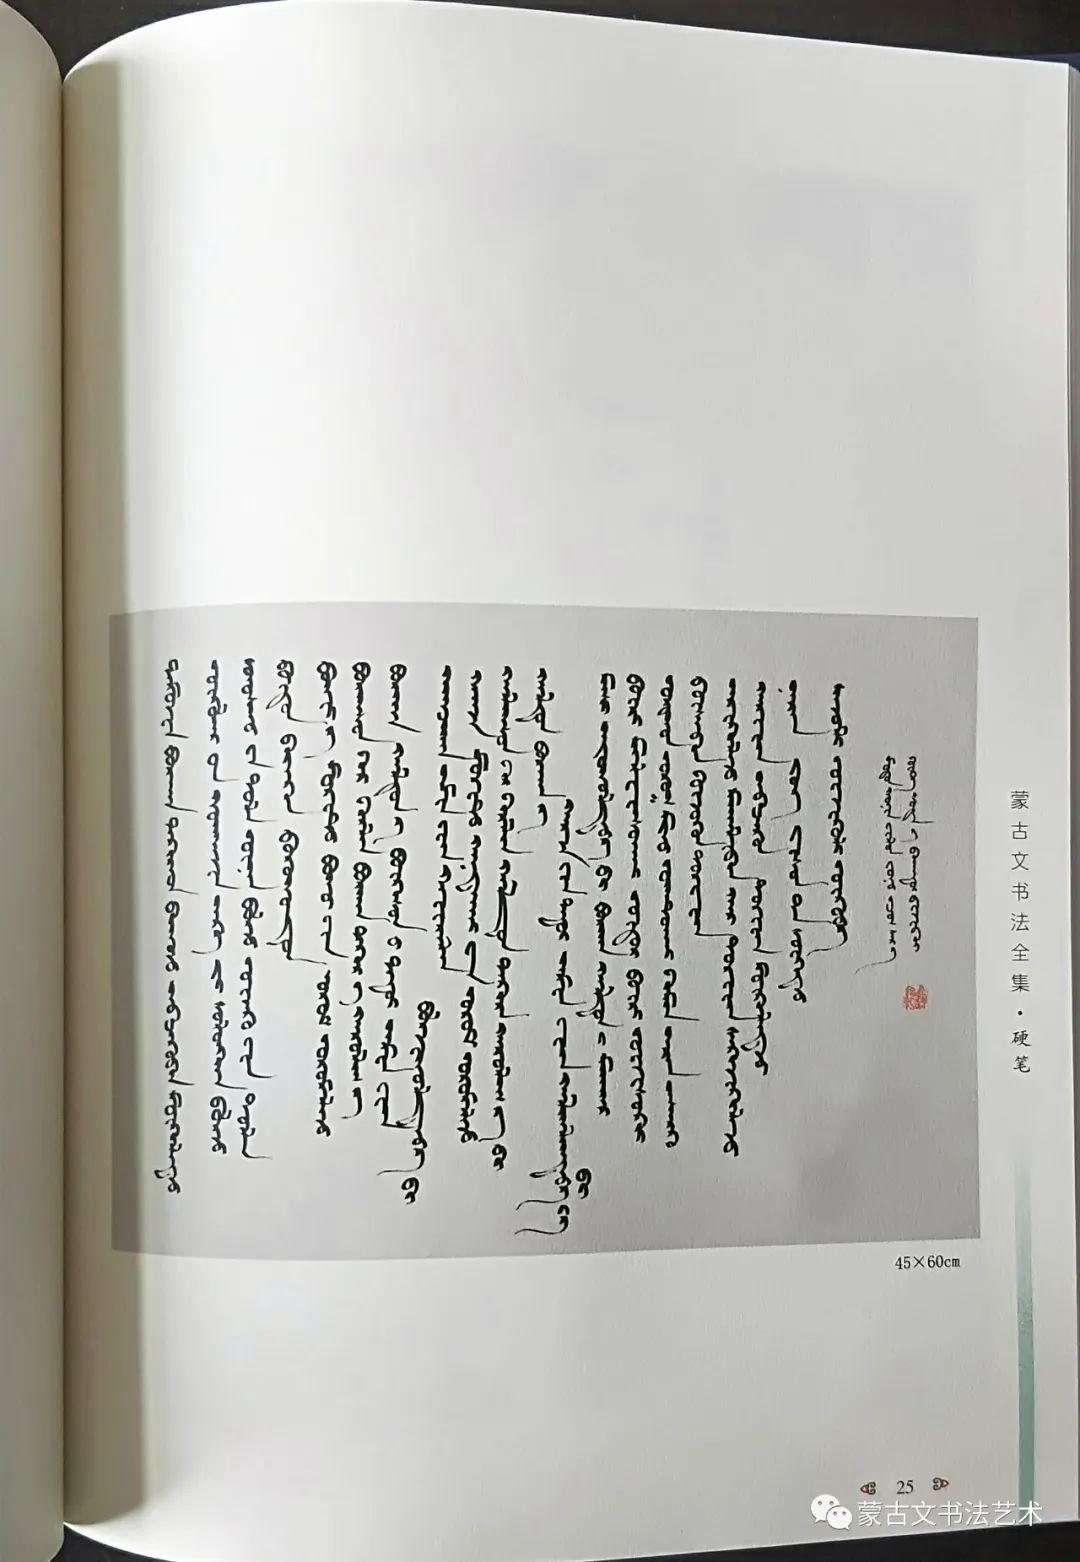 蒙古文书法全集 第24张 蒙古文书法全集 蒙古书法